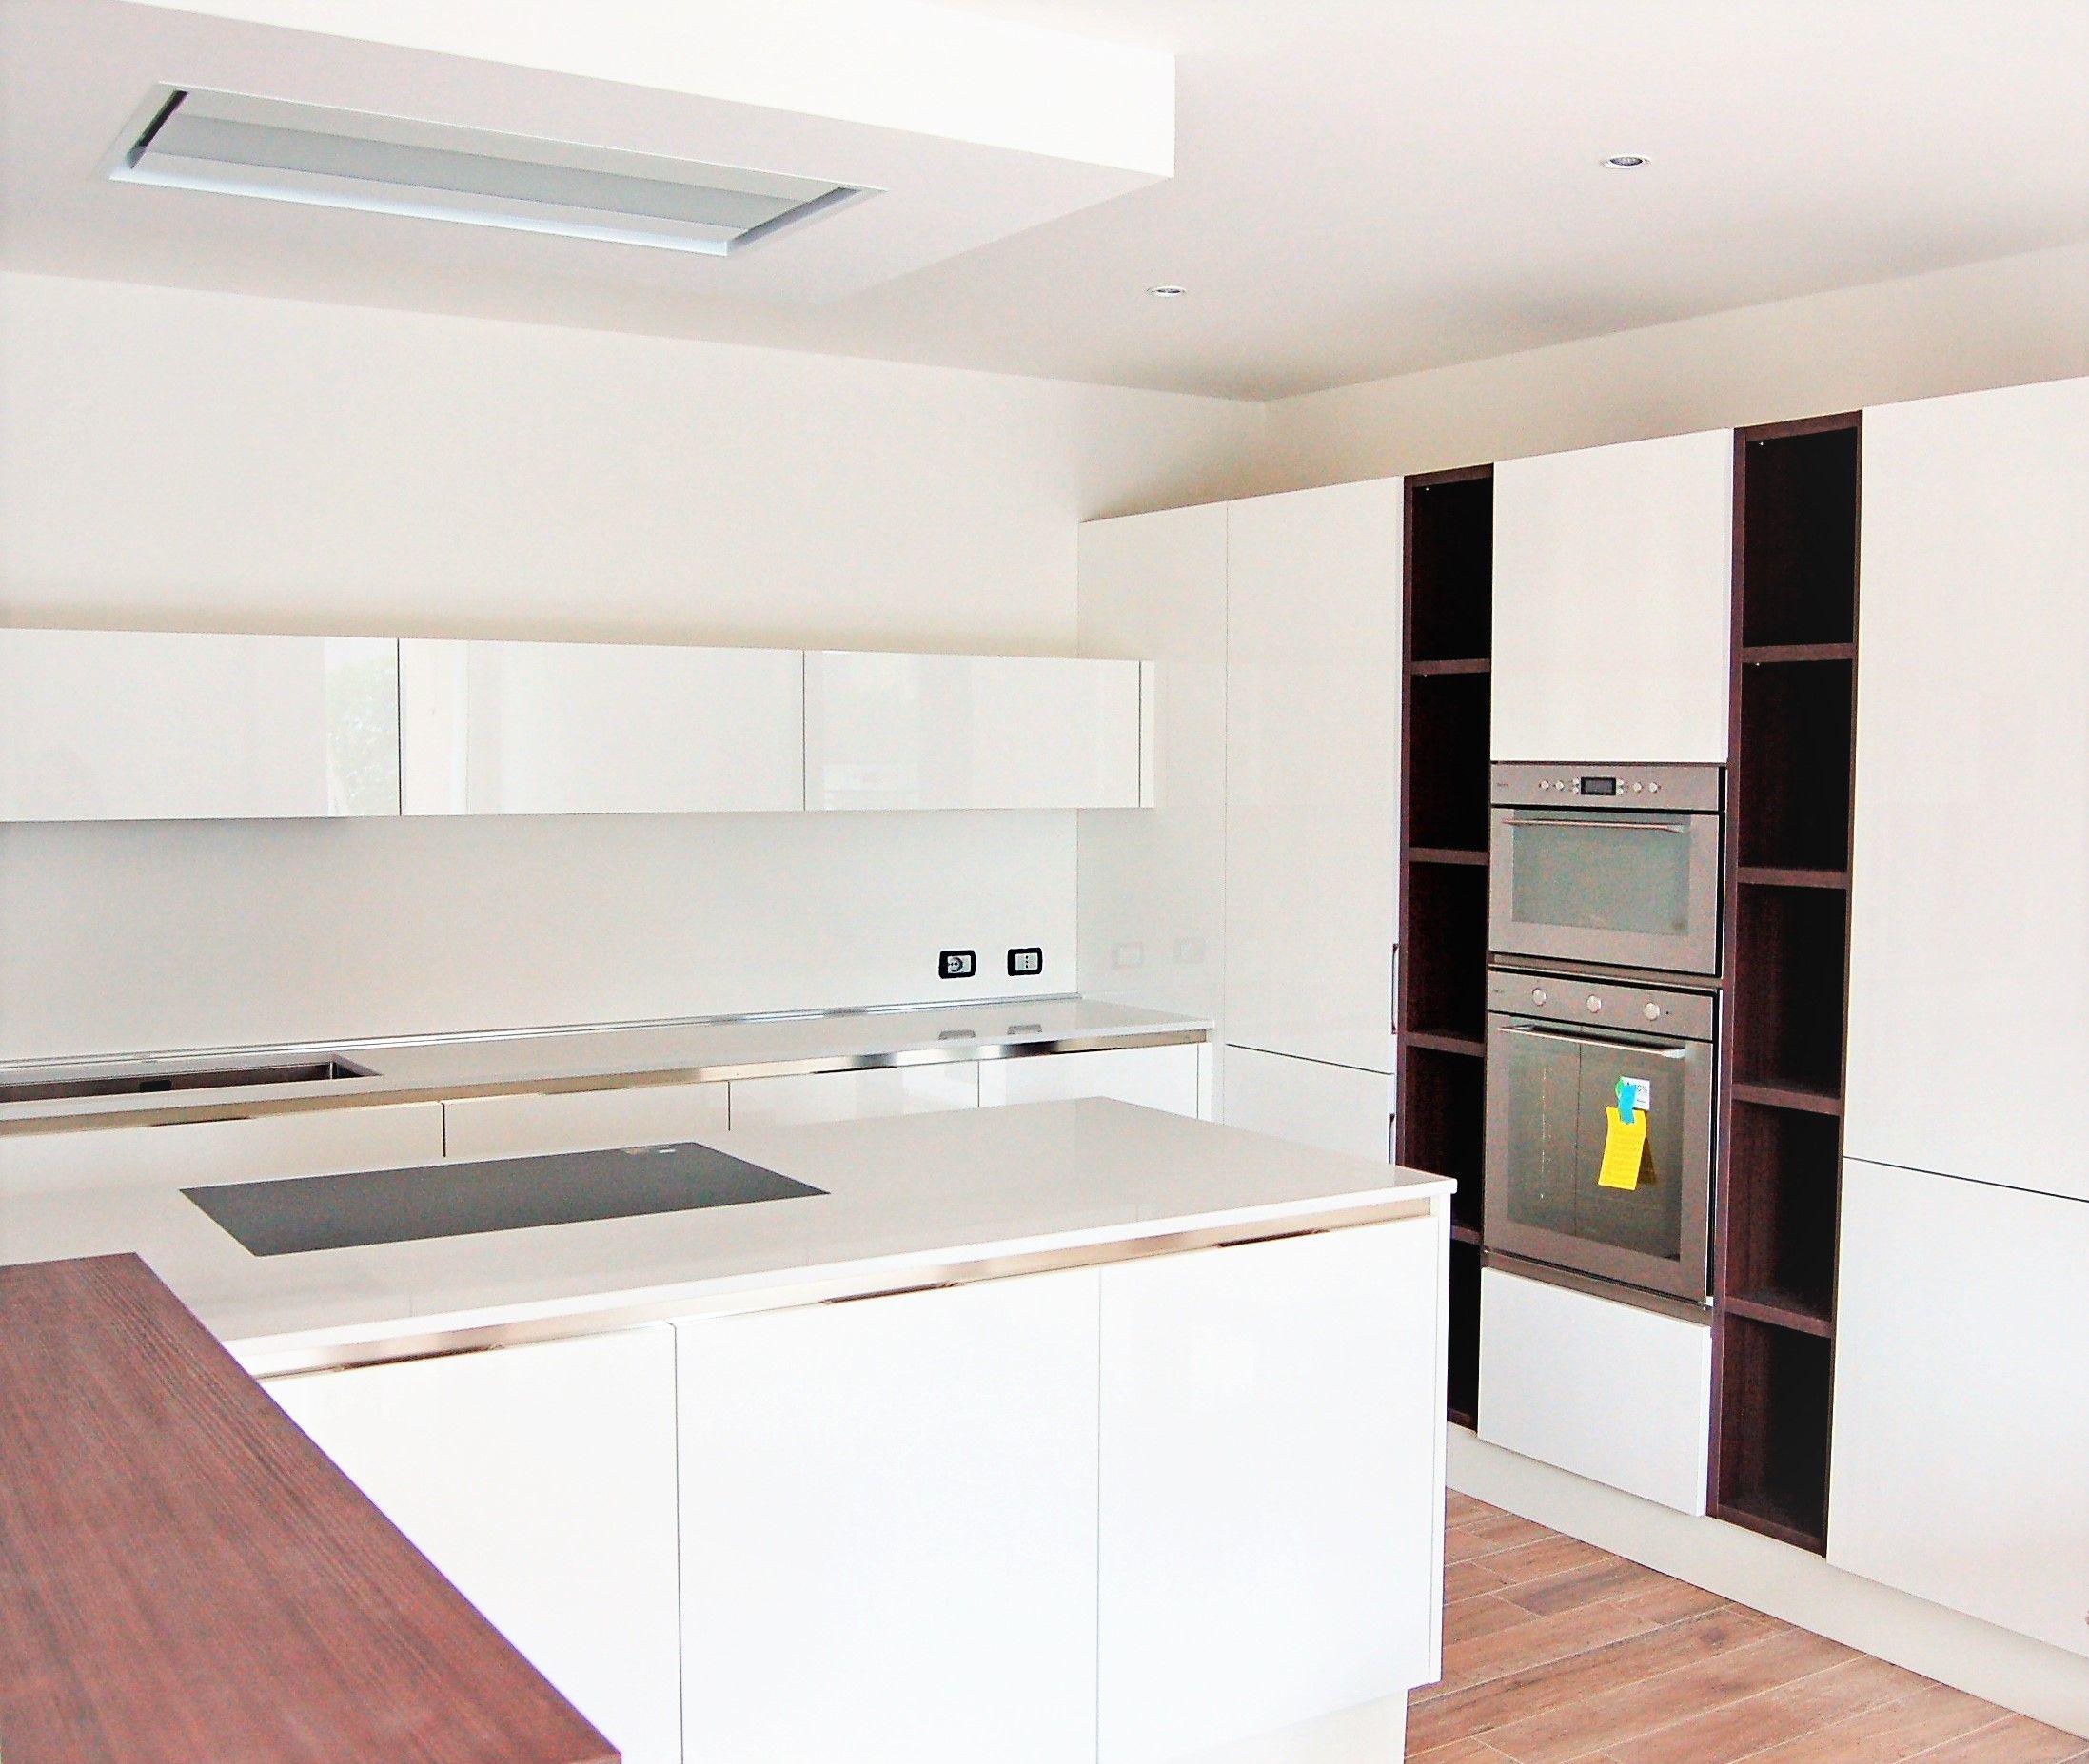 Cucina moderna laccata bianca con gola, isola operativa con ...